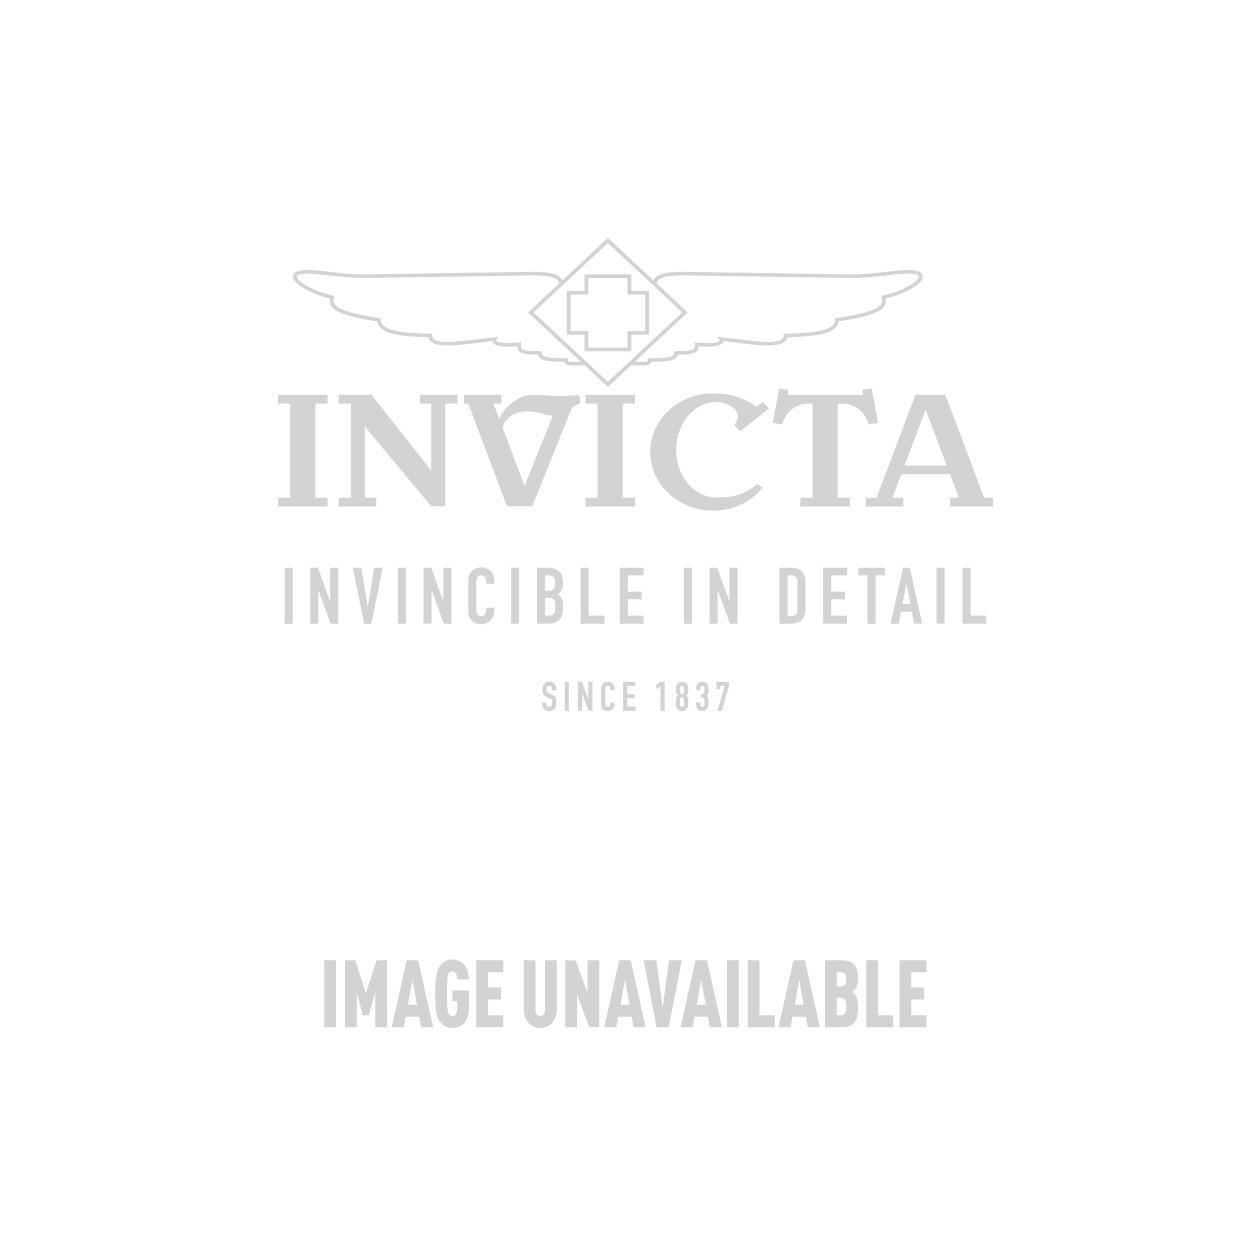 Invicta Model 24332